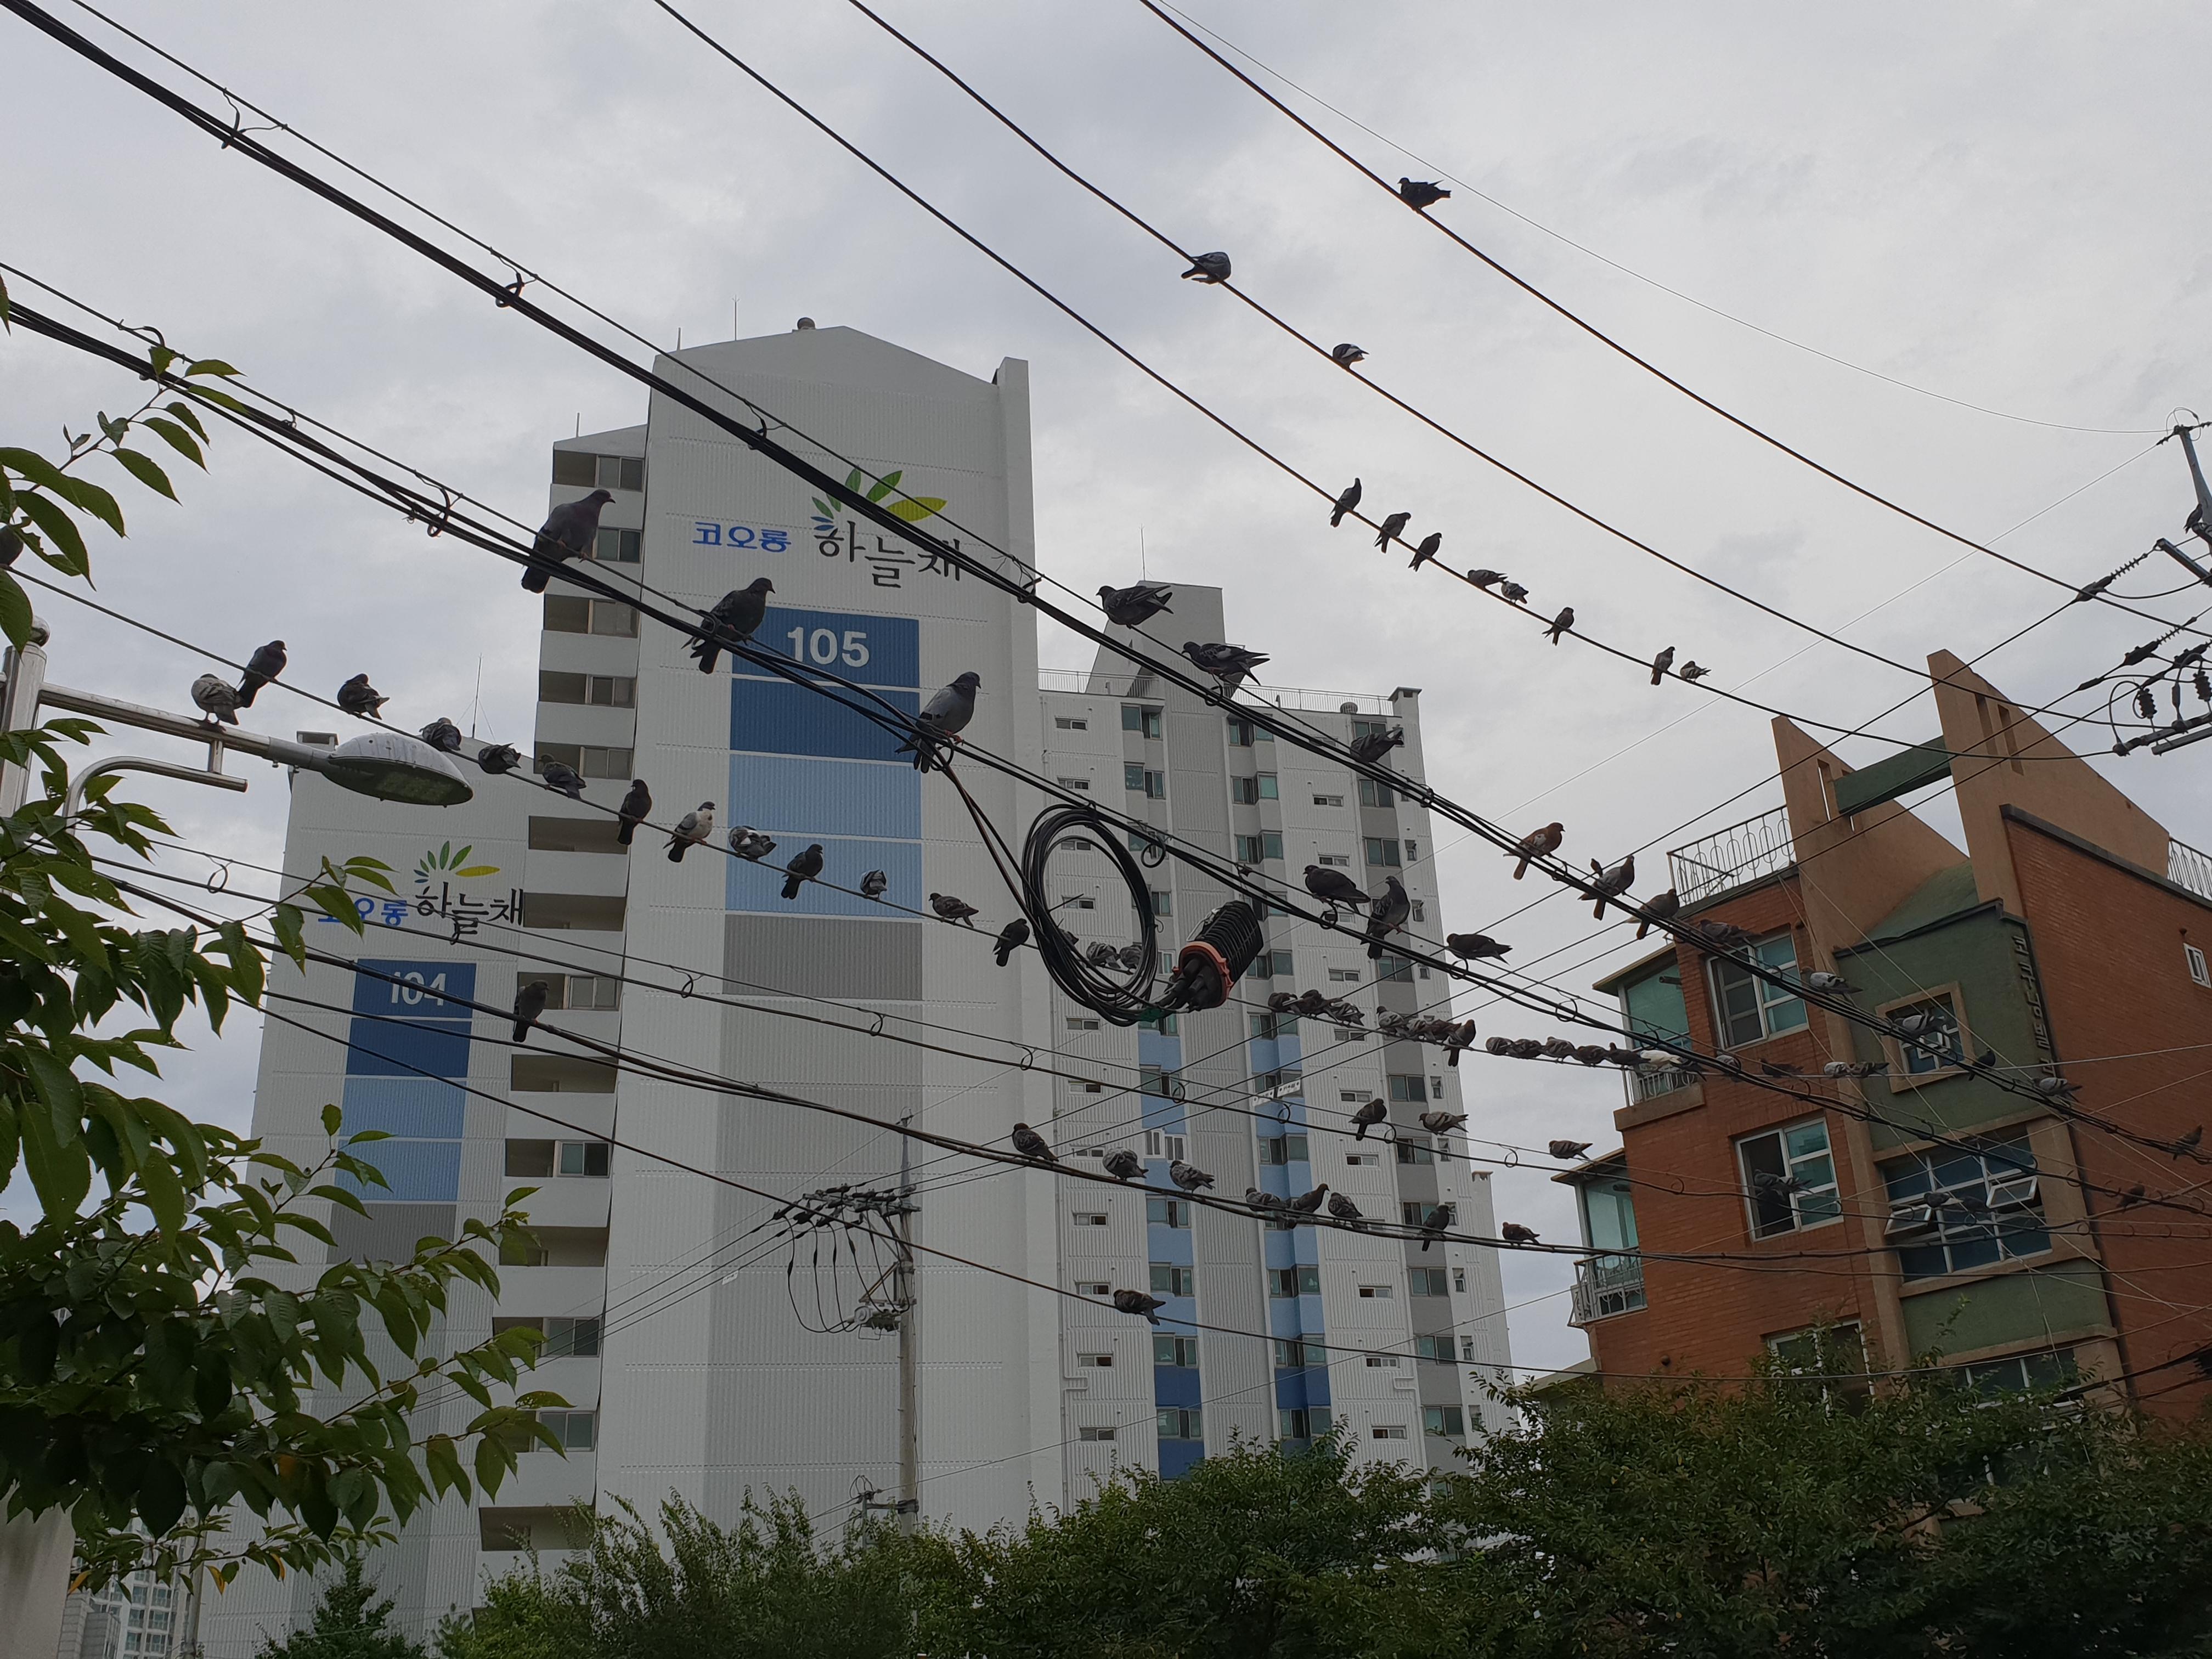 [일상 풍경] 비둘기 악보 - 너무 혐오하지 마세요~, 귀여운 비둘기, 그냥 싫은 비둘기, 더러운 비둘기, 도시화, 만물의 영장, 무서운 비둘기, 비둘기, 비둘기 귀여워, 비둘기 극혐, 비둘기 극혐 이유, 비둘기 너무 싫어, 비둘기 악보, 비둘기 토, 비둘기 혐오, 비둘기 혐오 이유, 새들이 만들어낸 악보, 일반, 재수없는 비둘기, 전기줄 비둘기, 전기줄 오선지, 토사물 비둘기